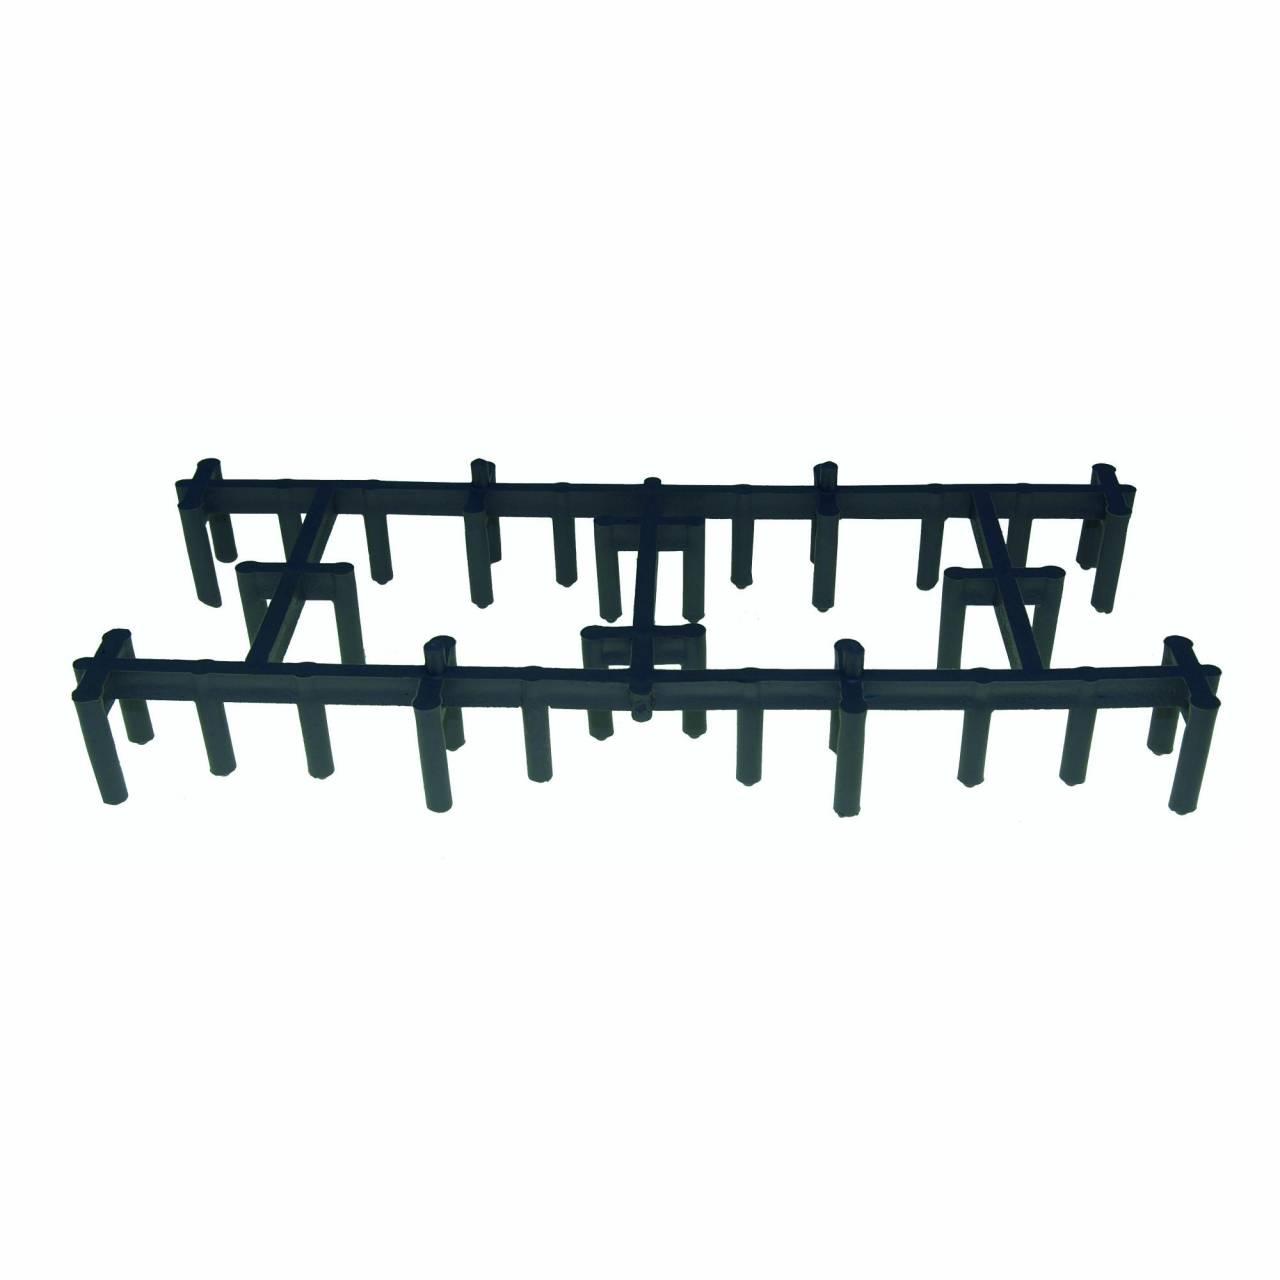 Rhombus-20 Flächen-Armierungsabstandhalter / Sack a 300 Stück